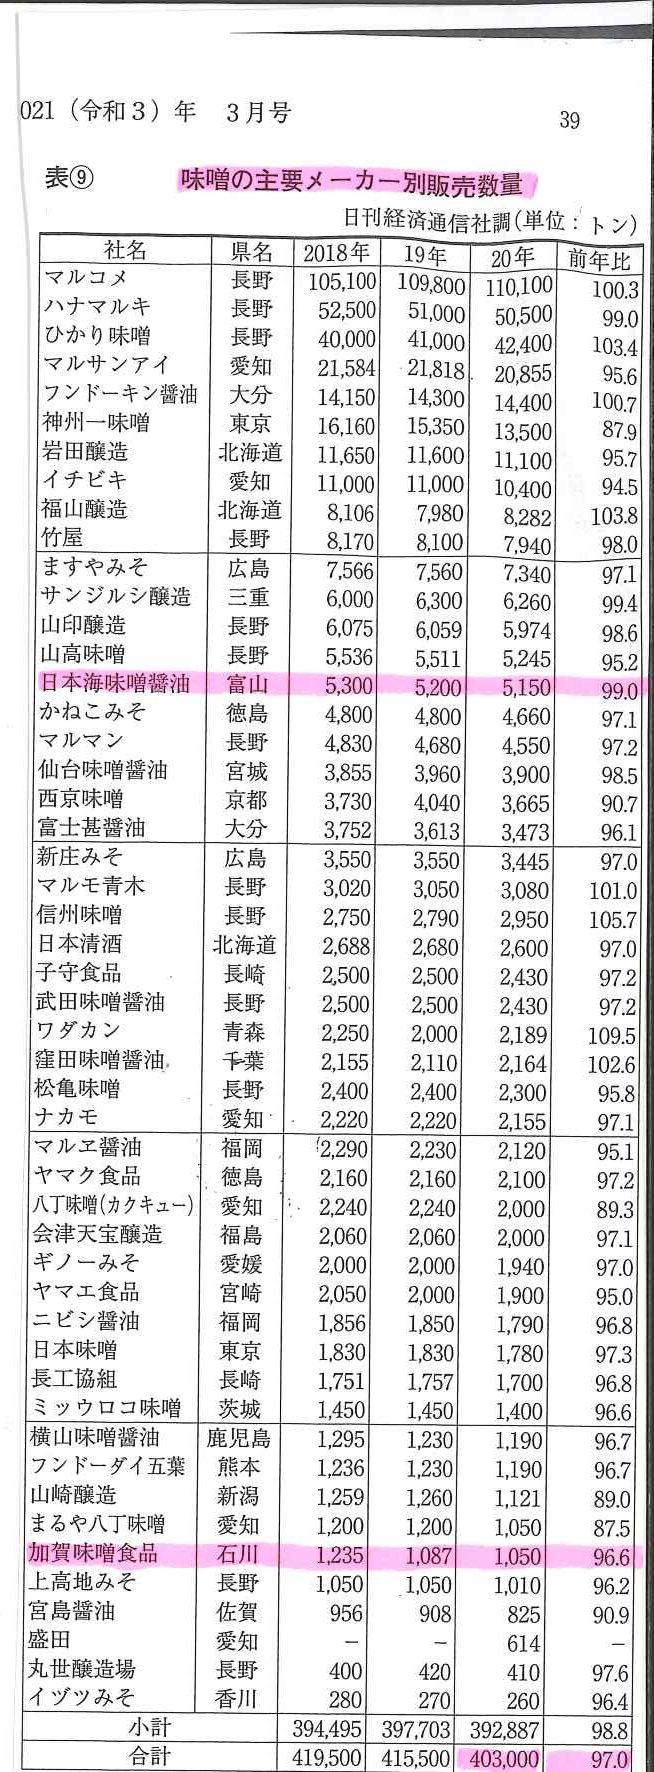 味噌の主要メーカー別販売数量